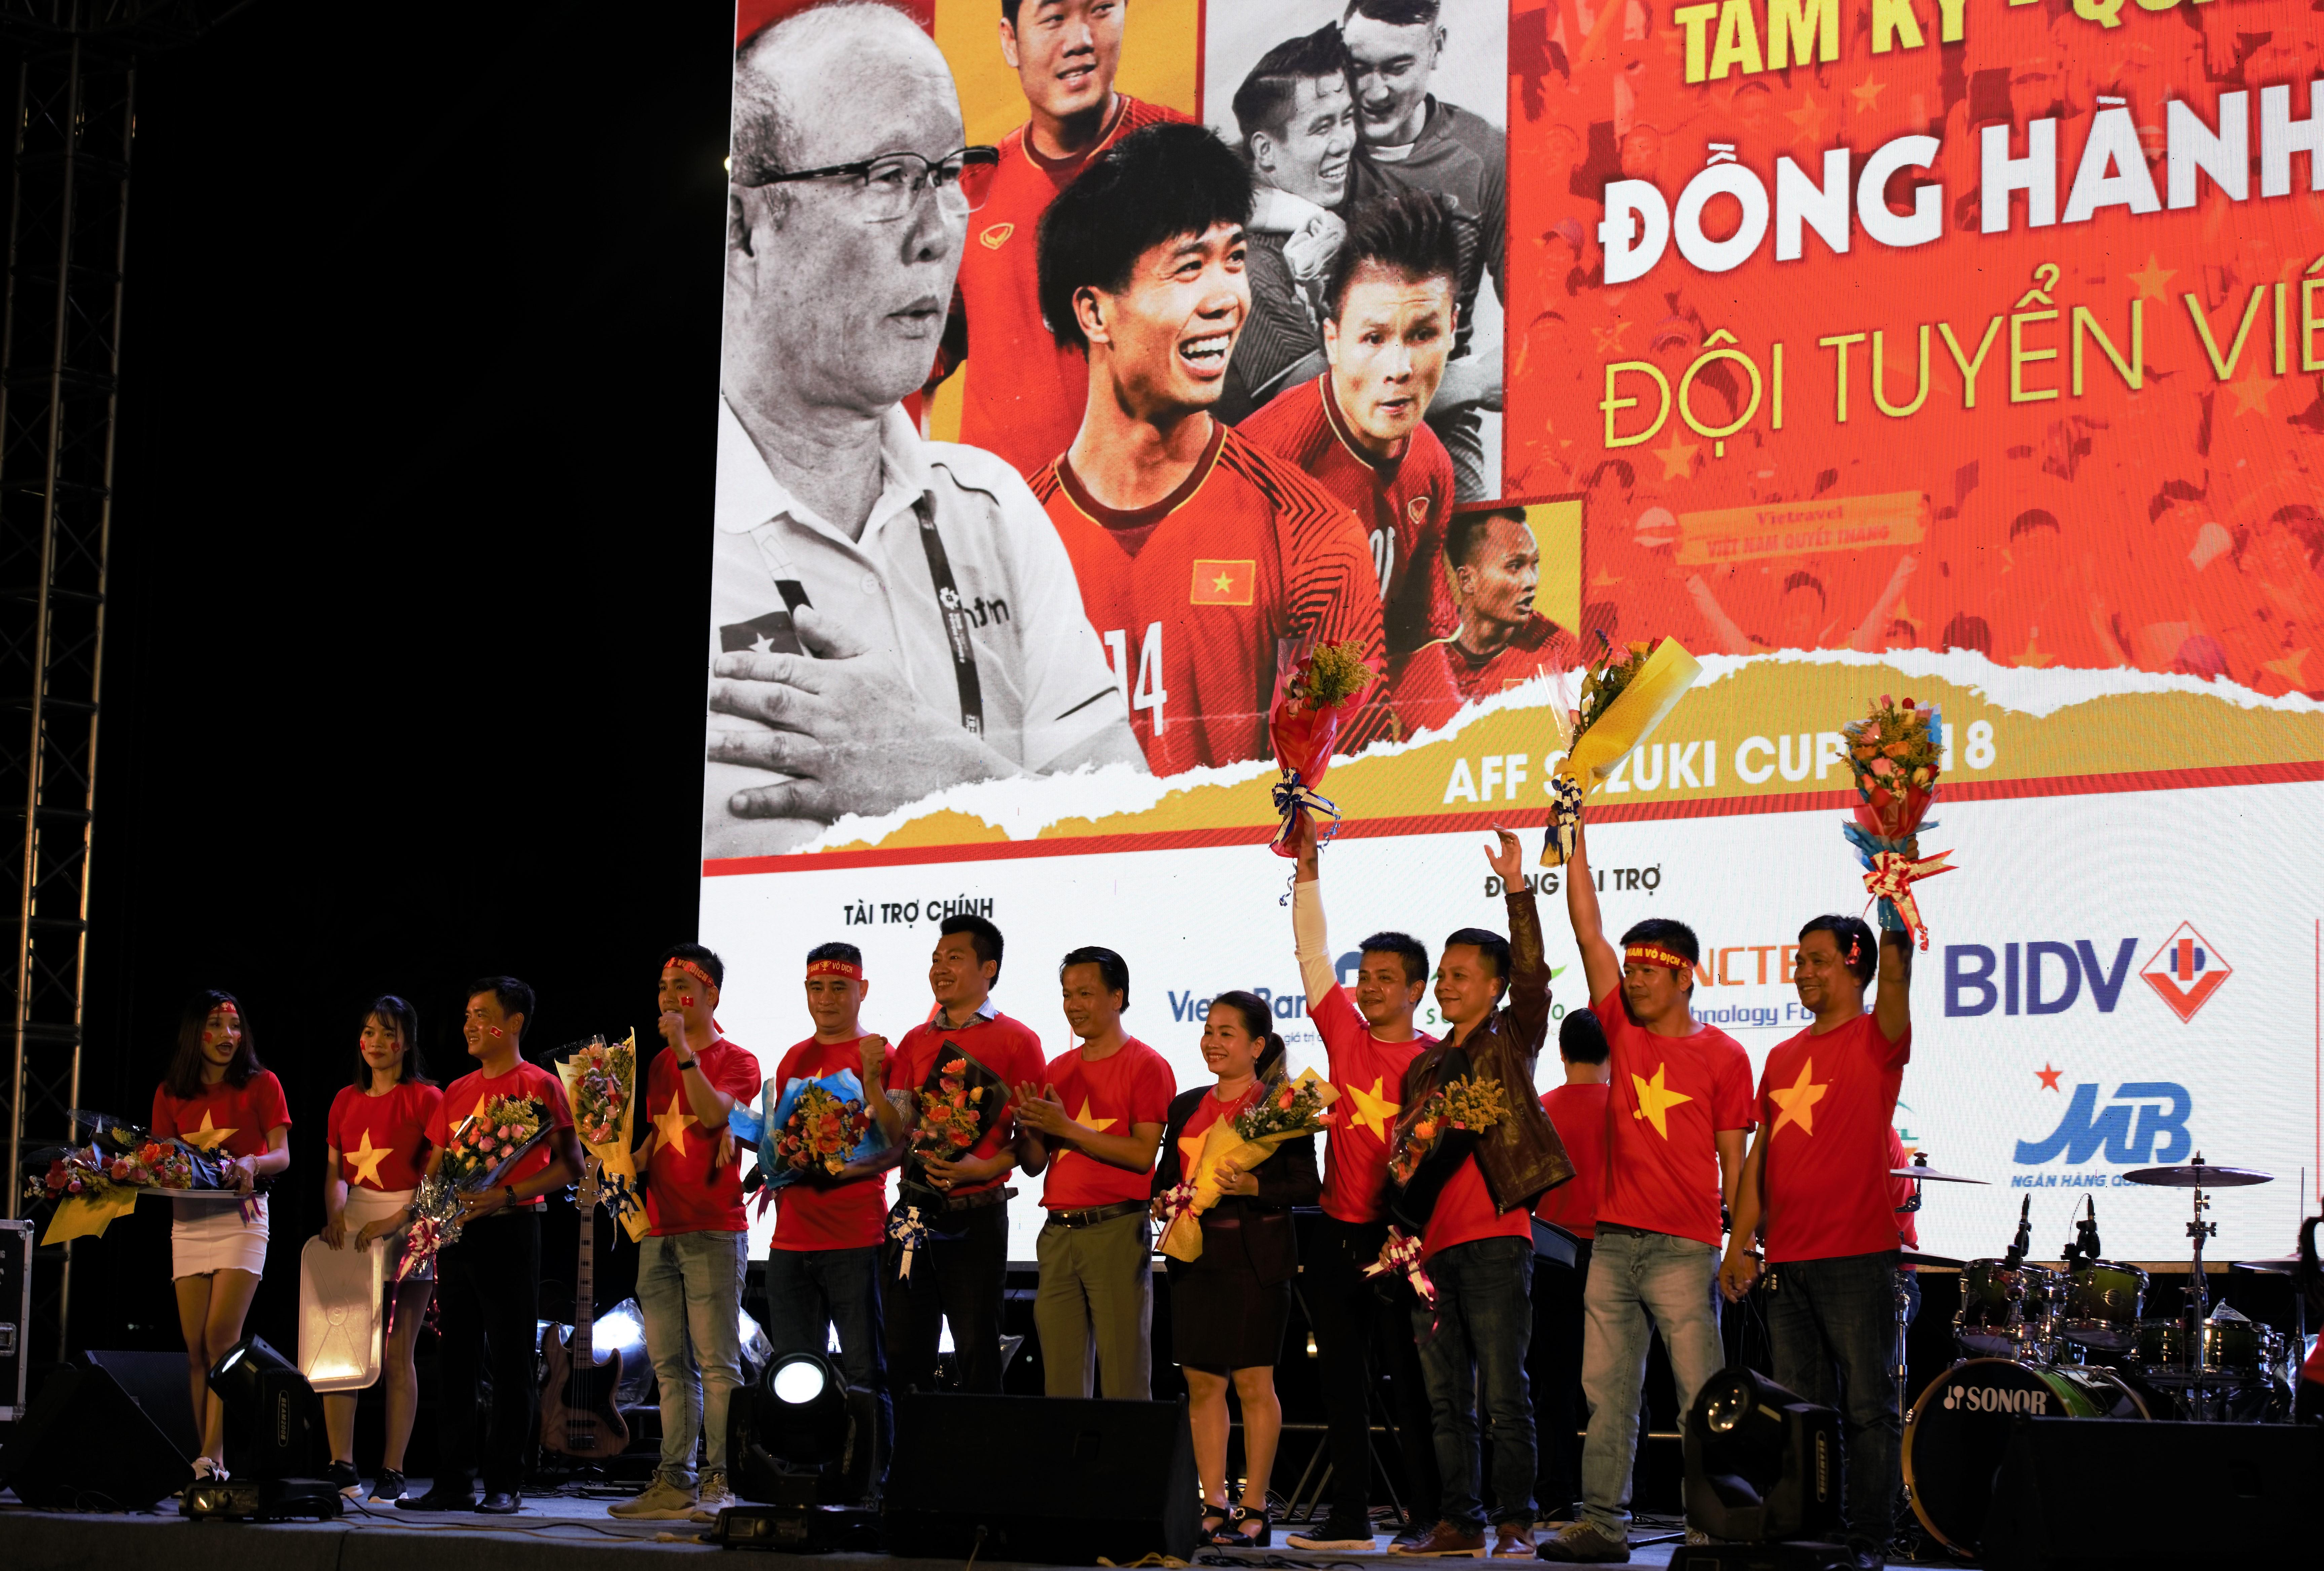 Lãnh đạo thành phố Tam Kỳ tặng hoa các nhà tài trợ chương trình Đồng hành cùng đội tuyển Việt Nam